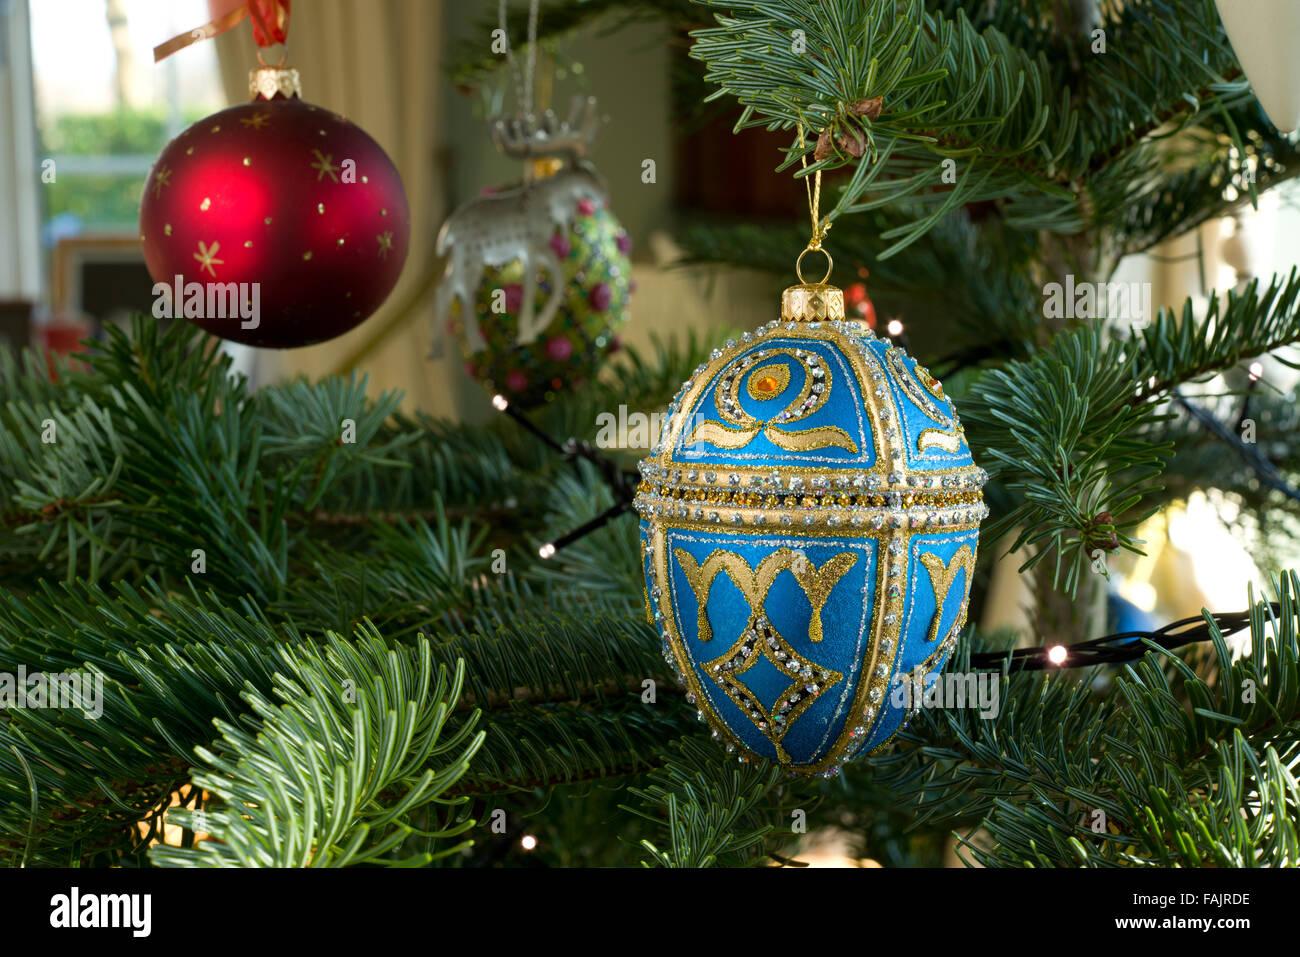 Albero Di Natale Con Decorazioni Blu : Le decorazioni di natale su un abete albero di natale blu e oro